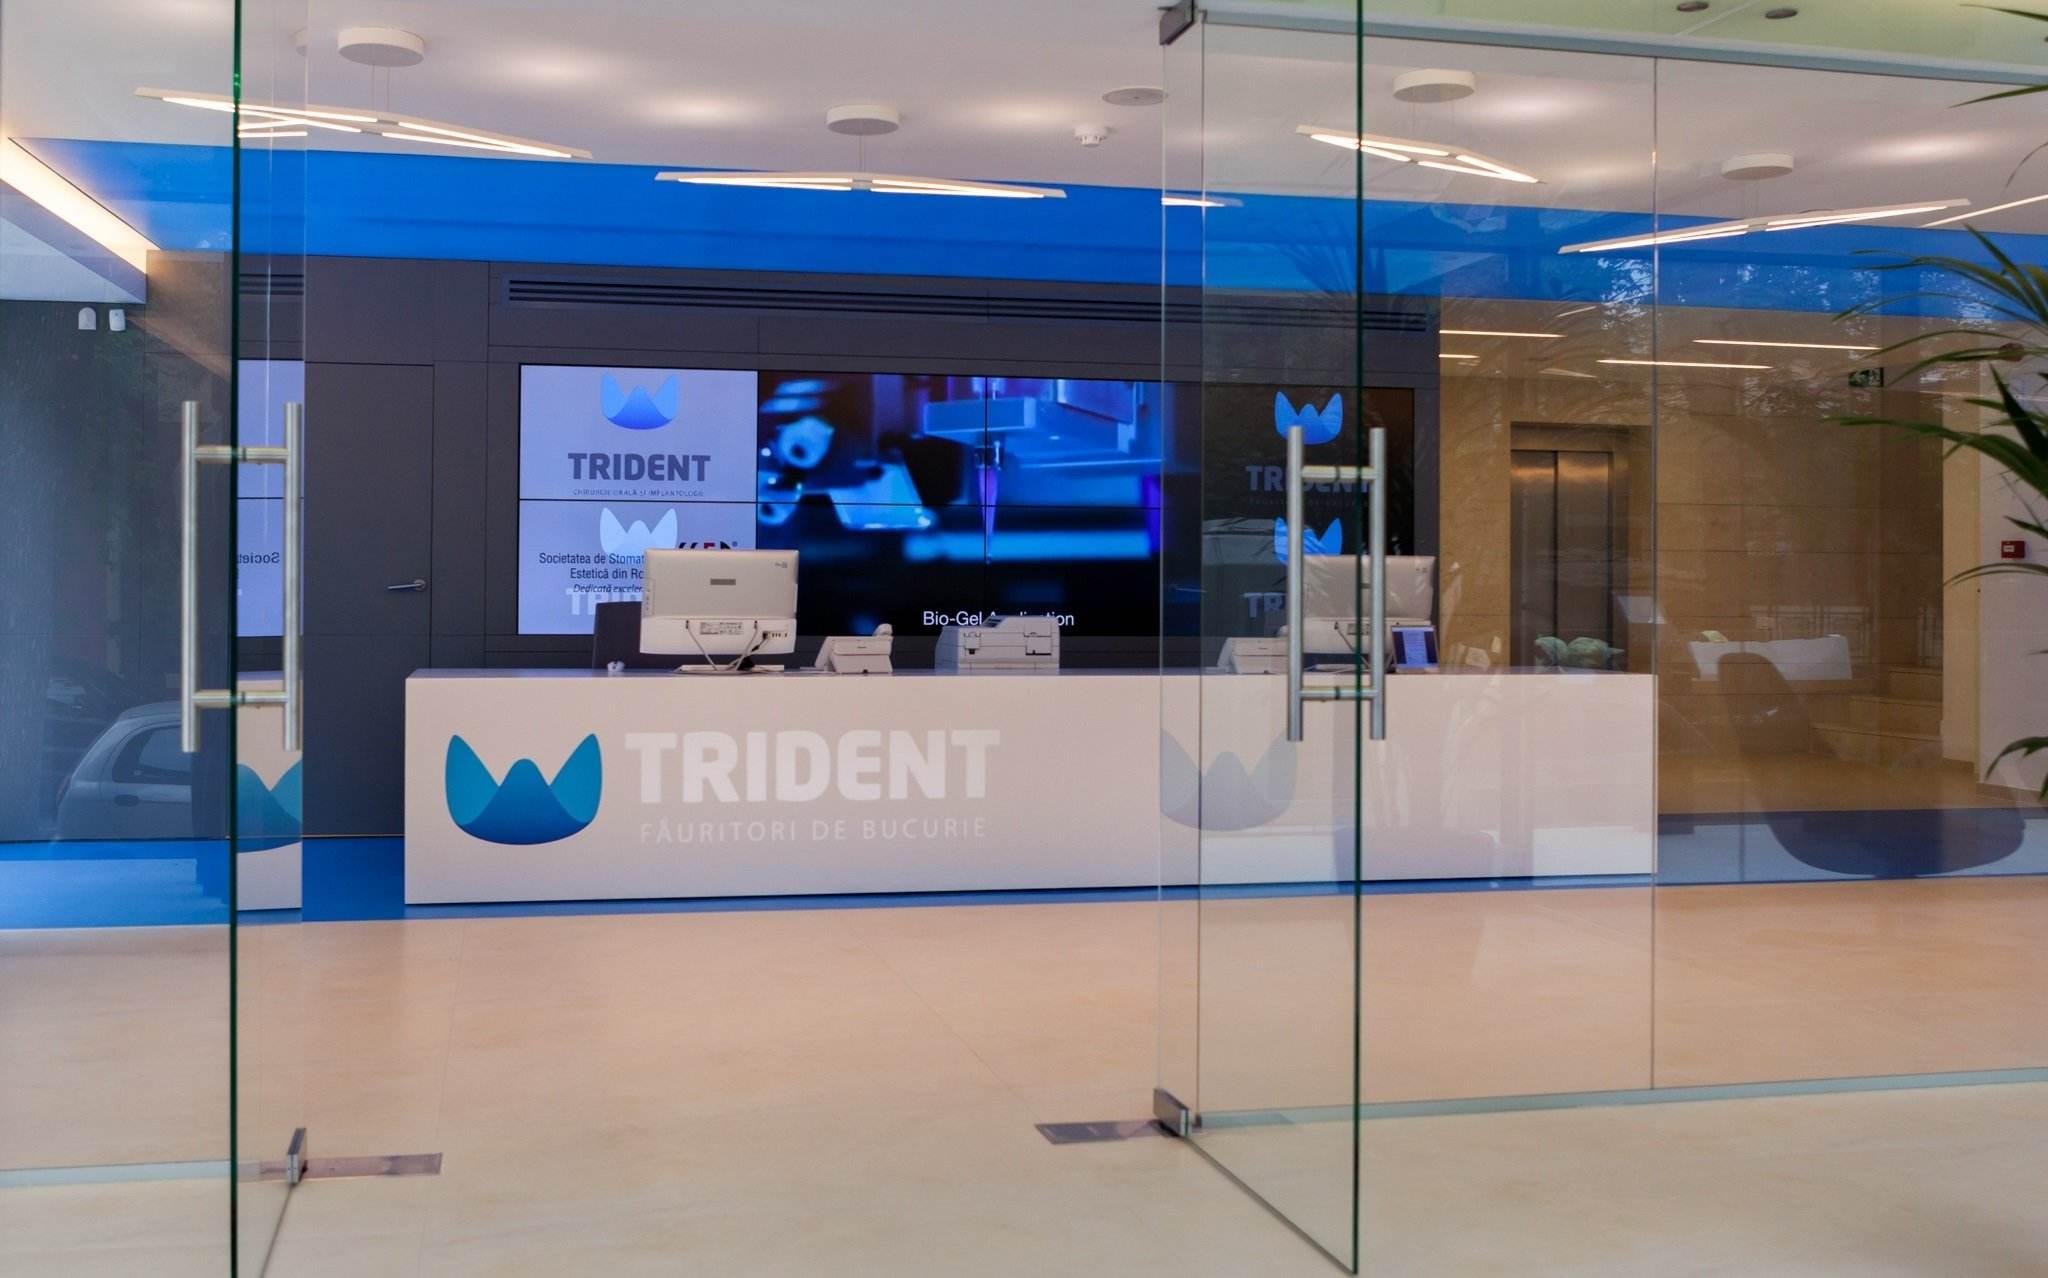 Intrarea in holul modern al Clinicii Trident din Bucuresti